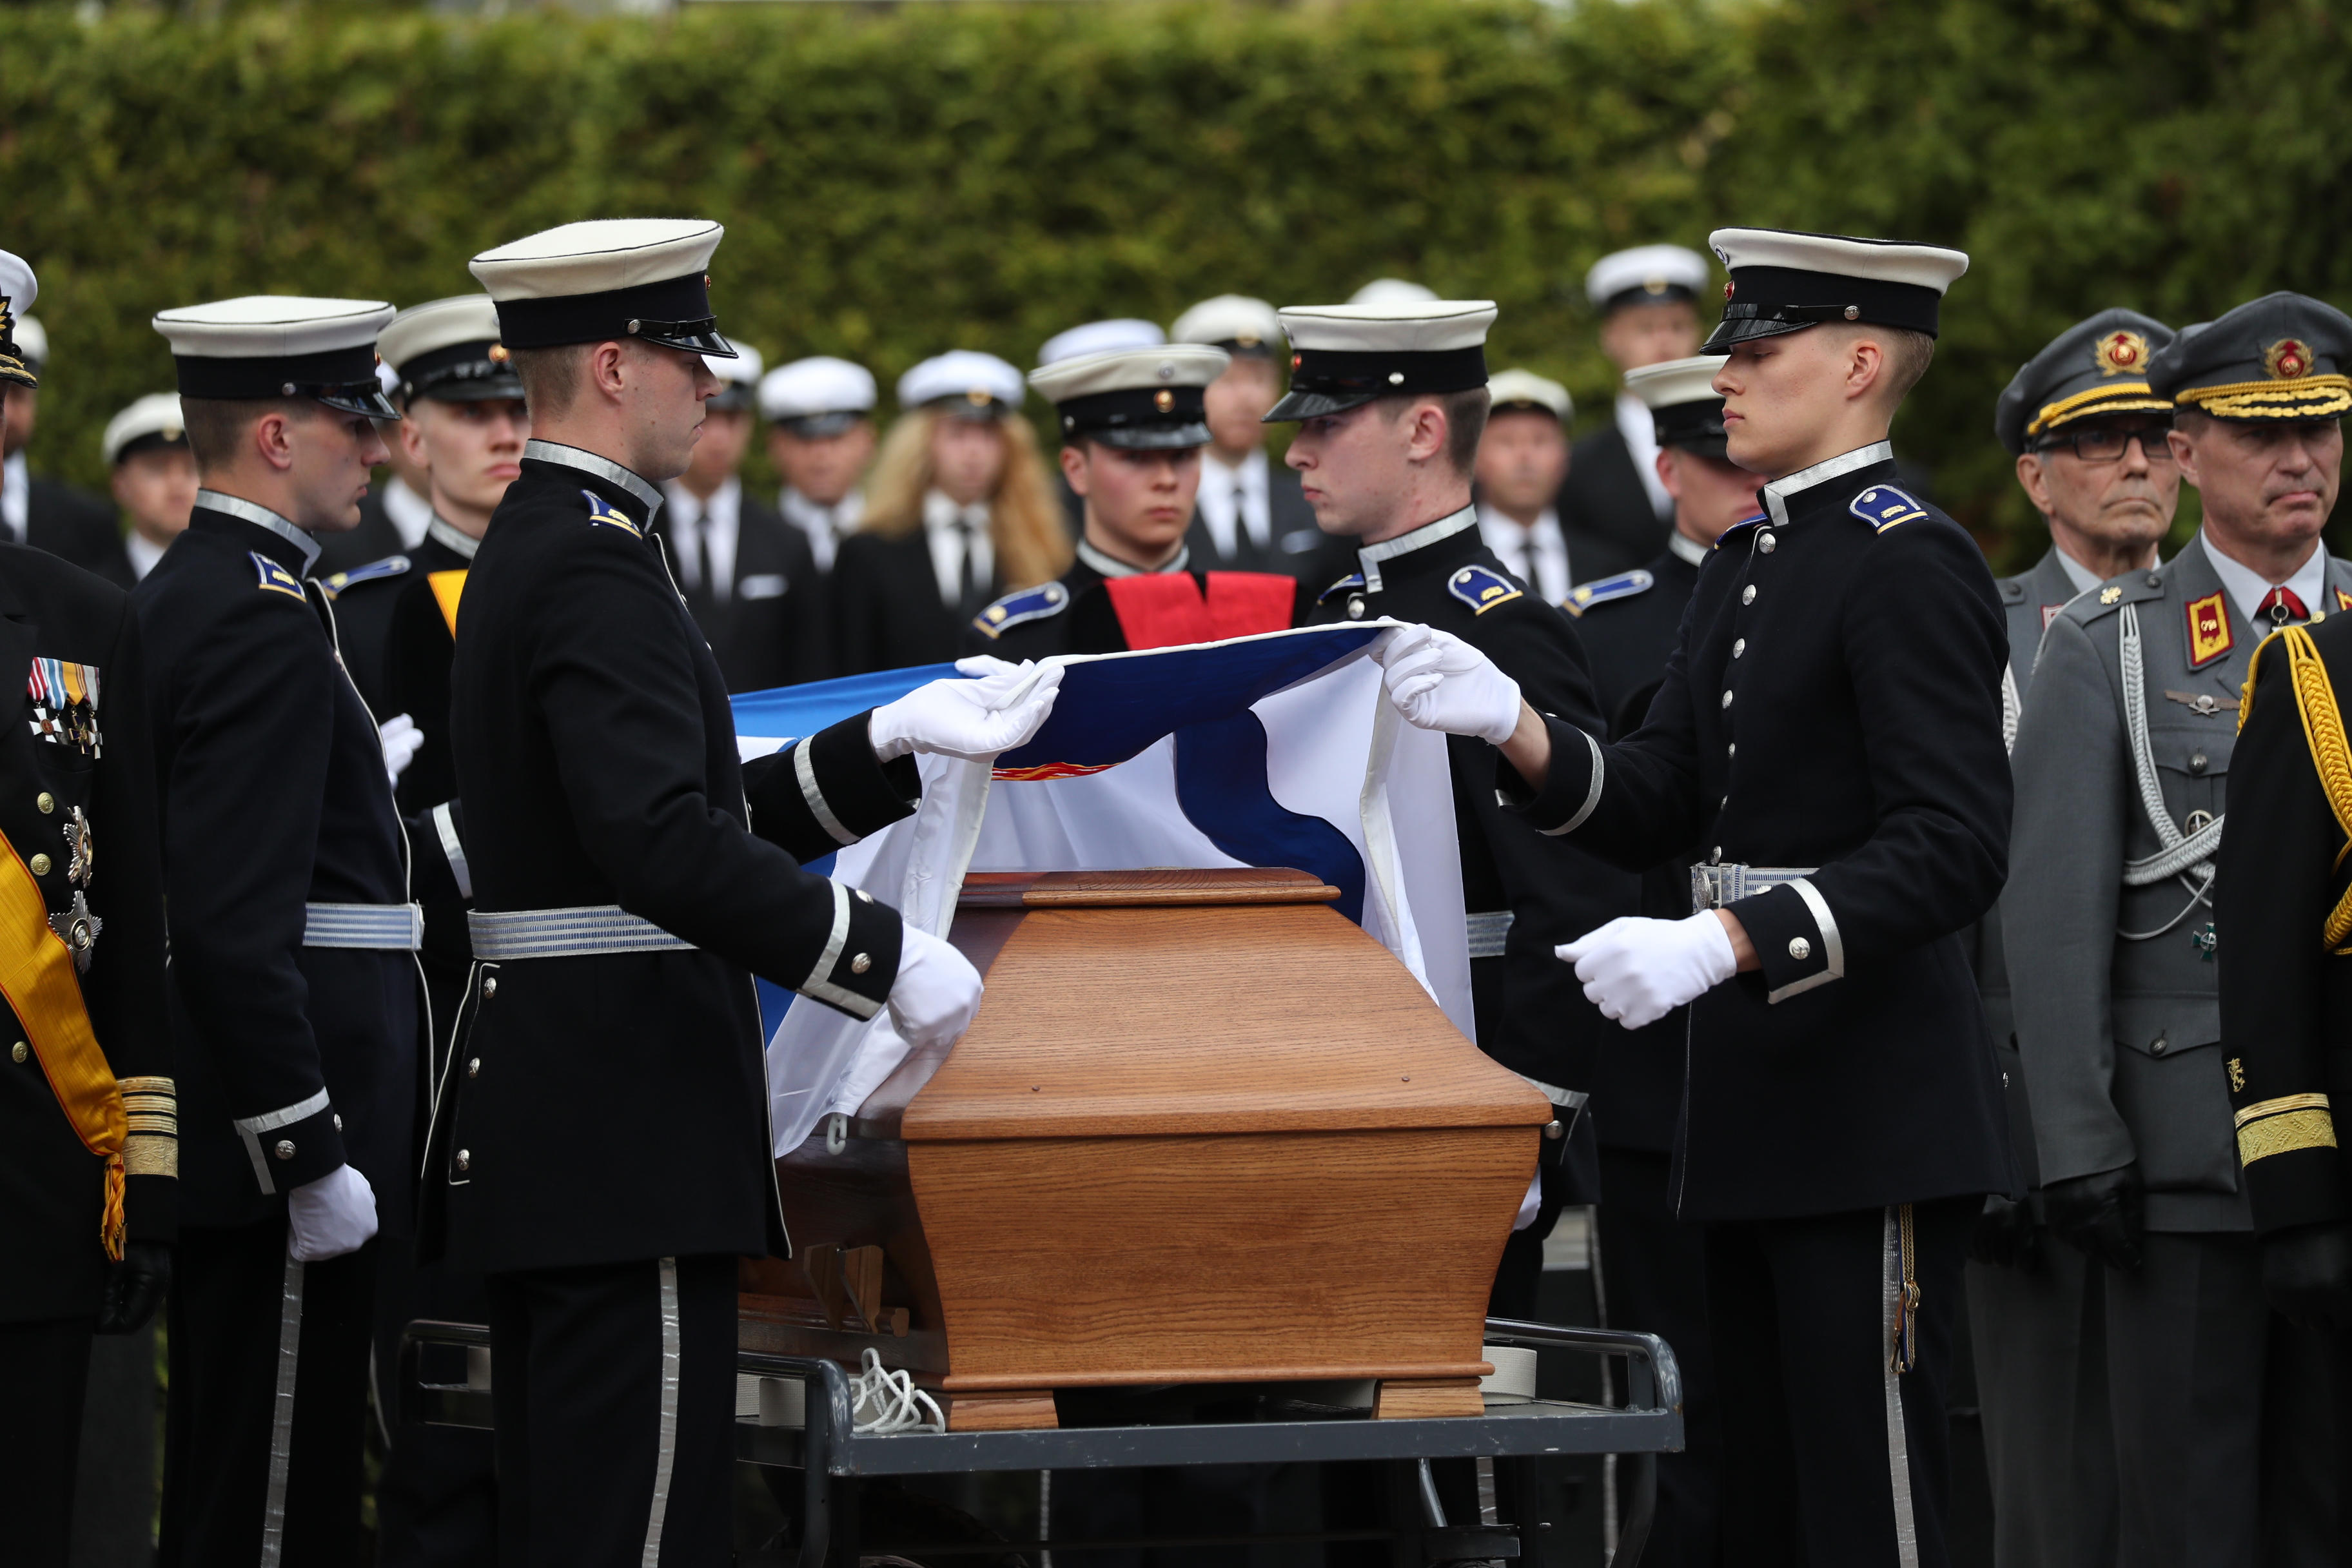 Koiviston Hautajaiset